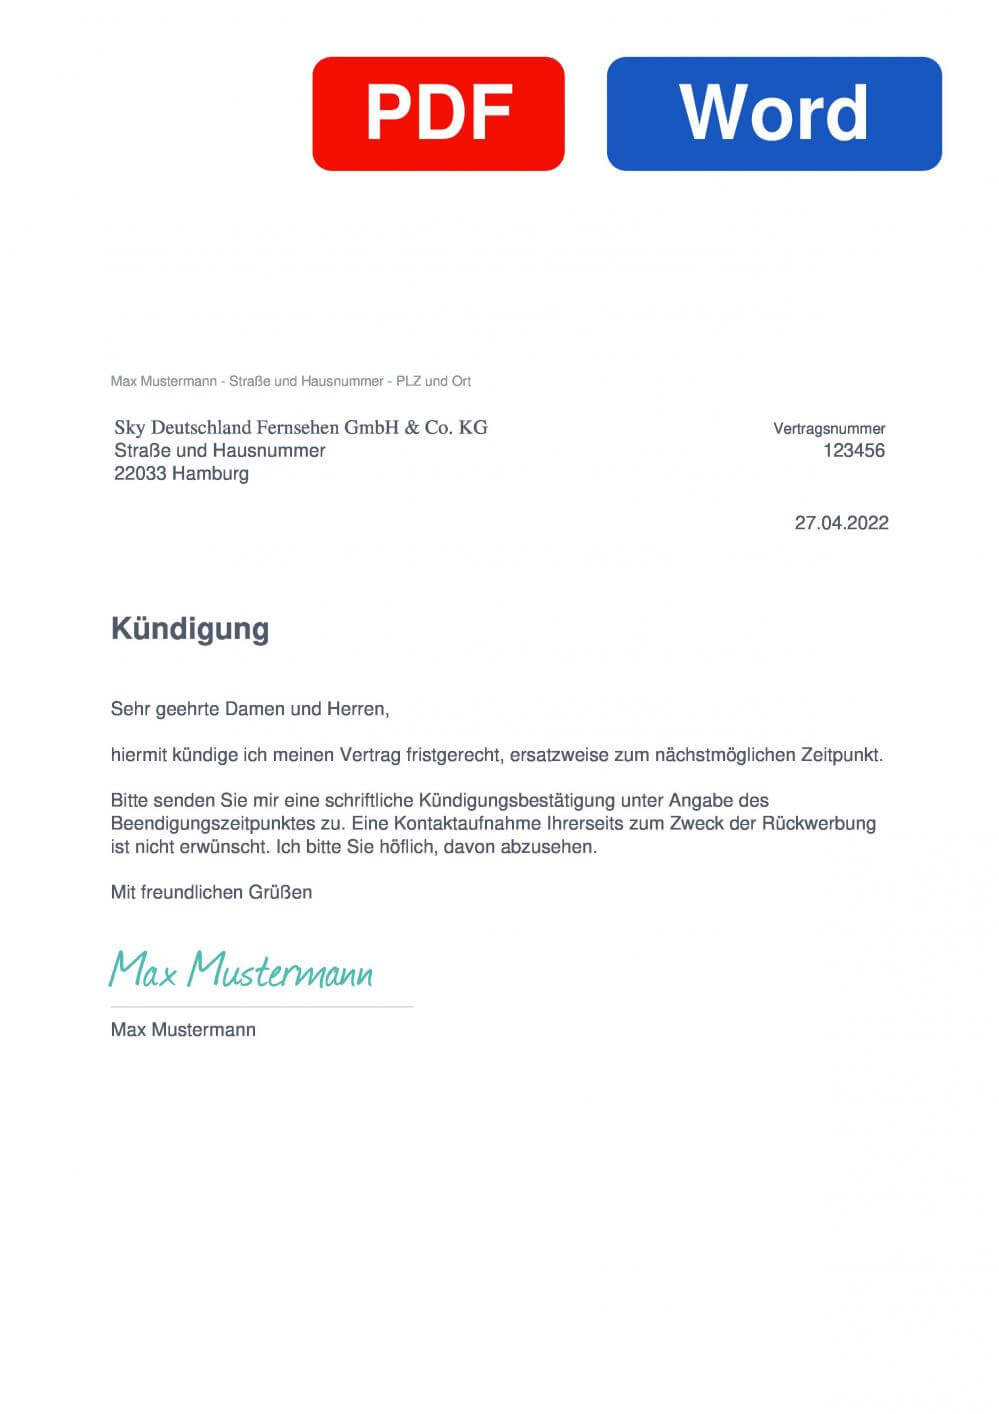 Sky Q Muster Vorlage für Kündigungsschreiben